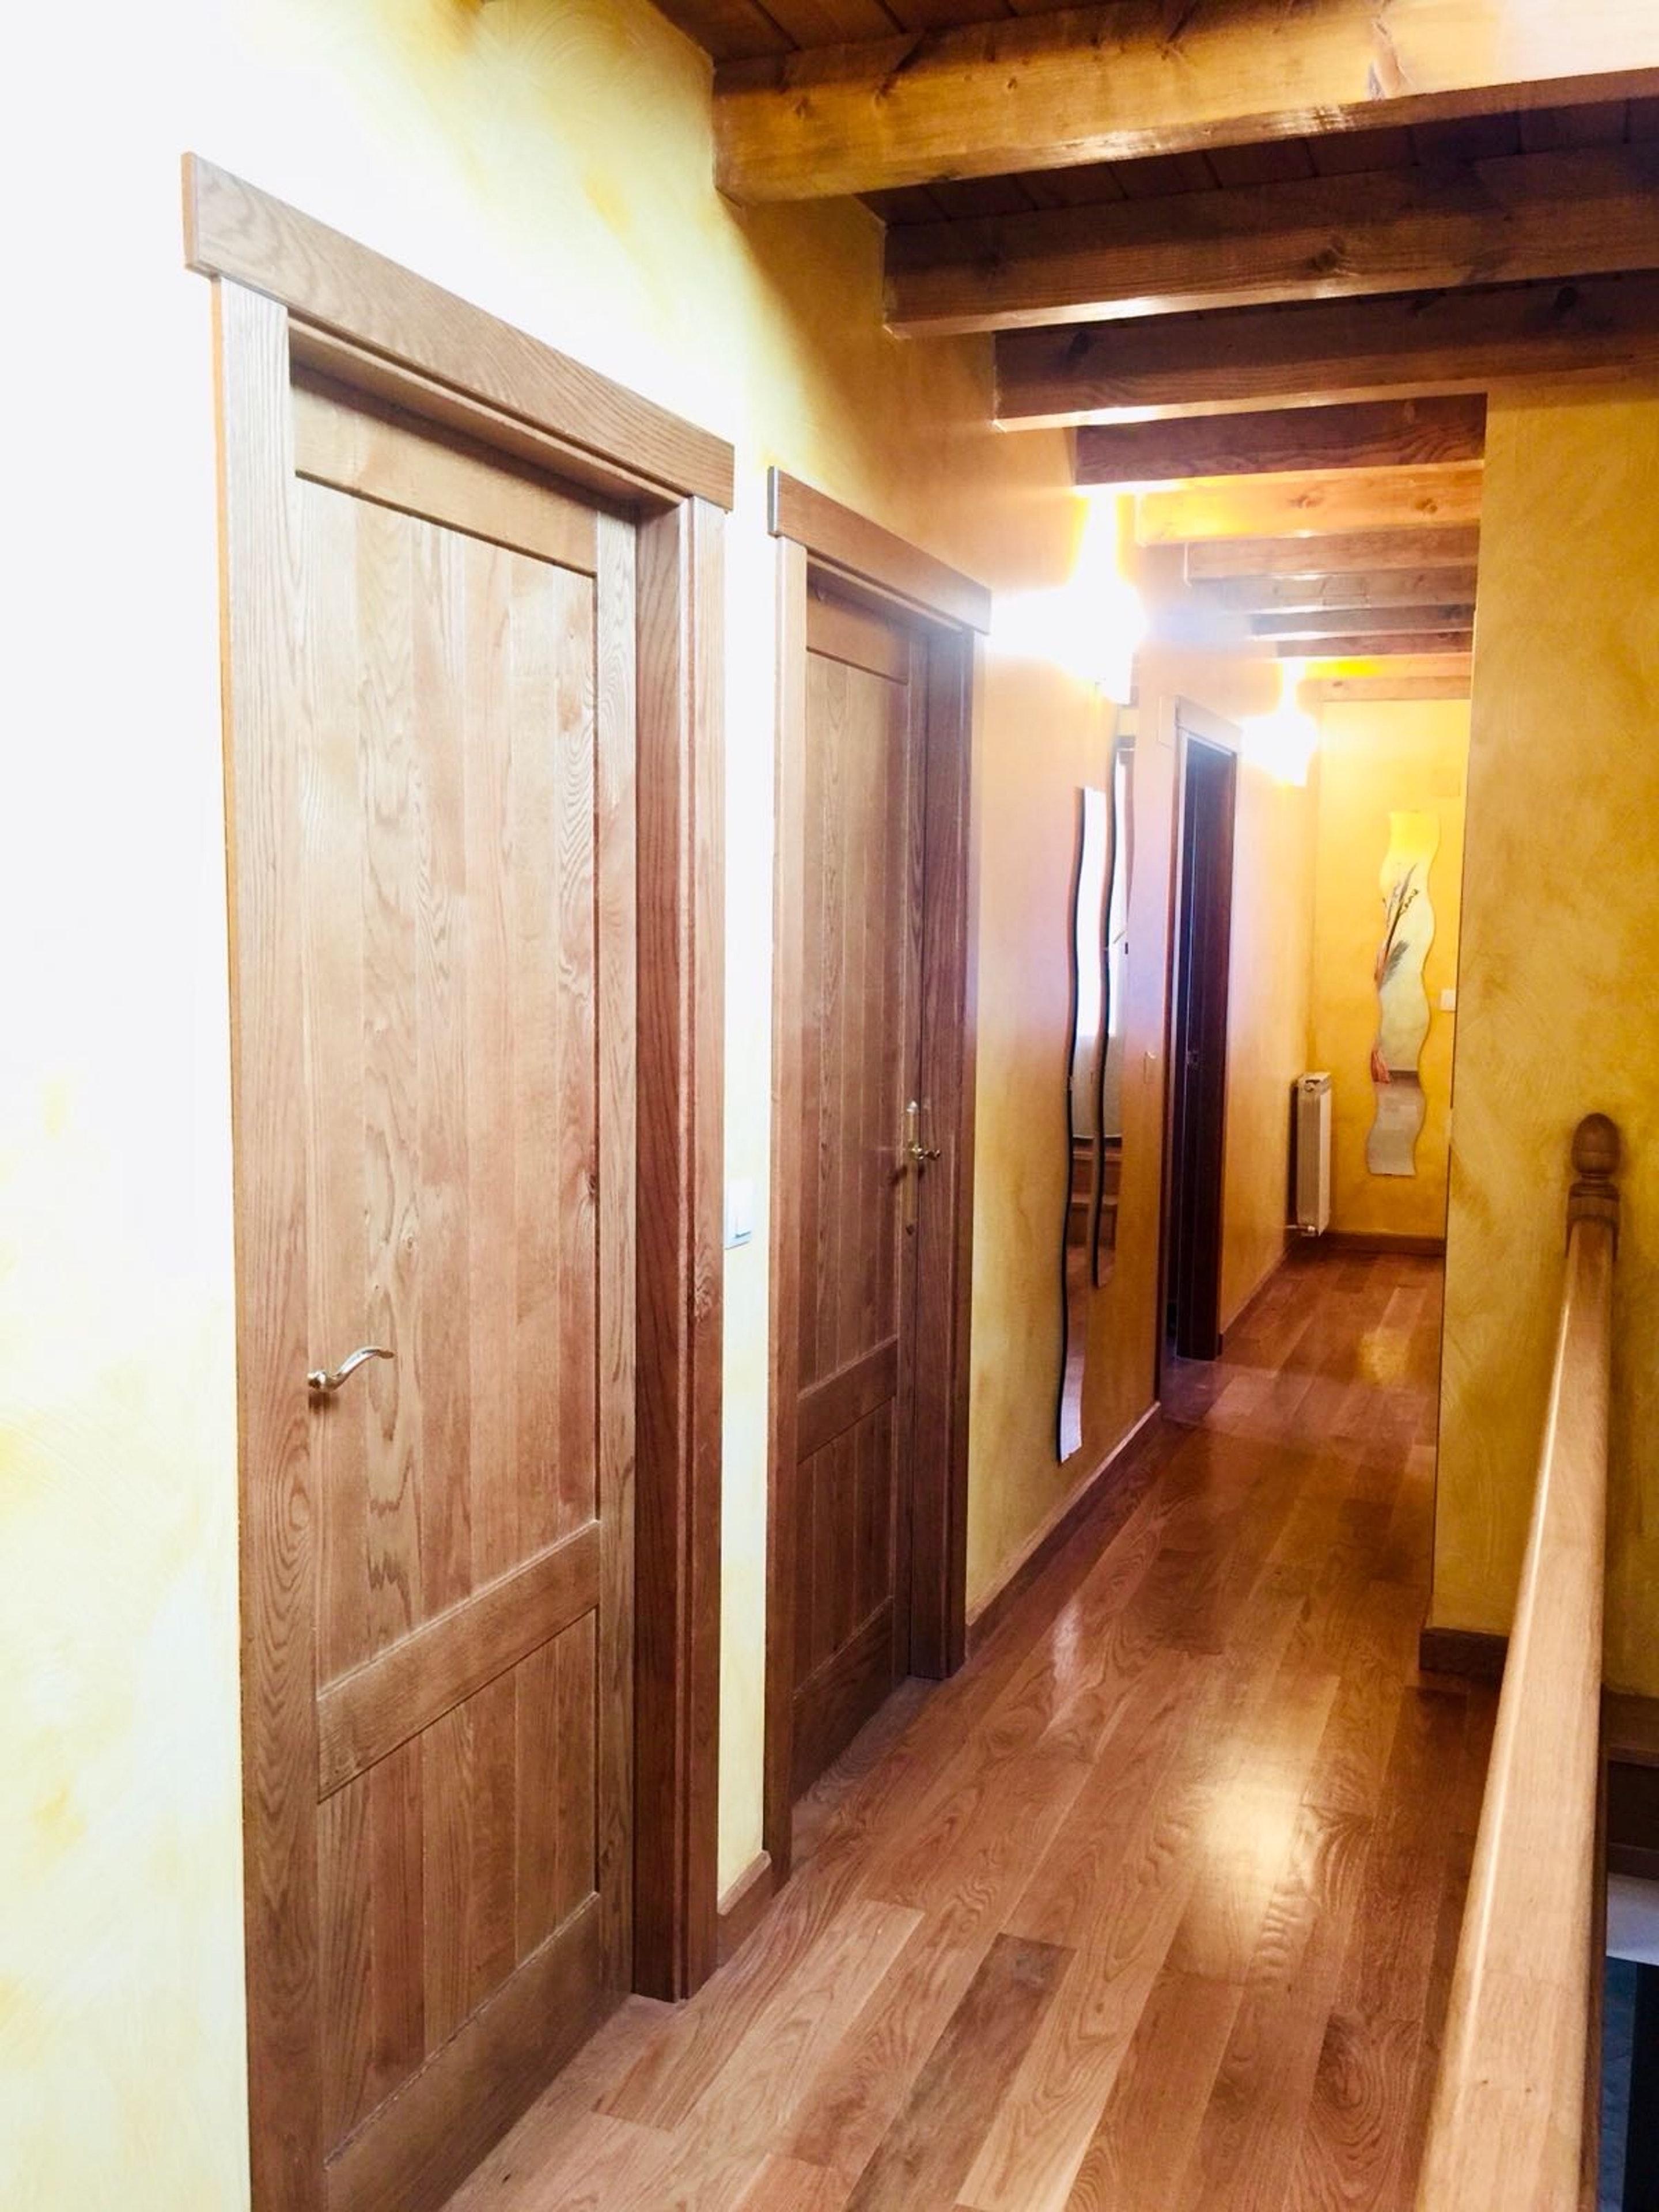 Ferienhaus Haus mit 3 Schlafzimmern in Arellano mit toller Aussicht auf die Berge und möblierter Terr (2420299), Arellano, , Navarra, Spanien, Bild 26